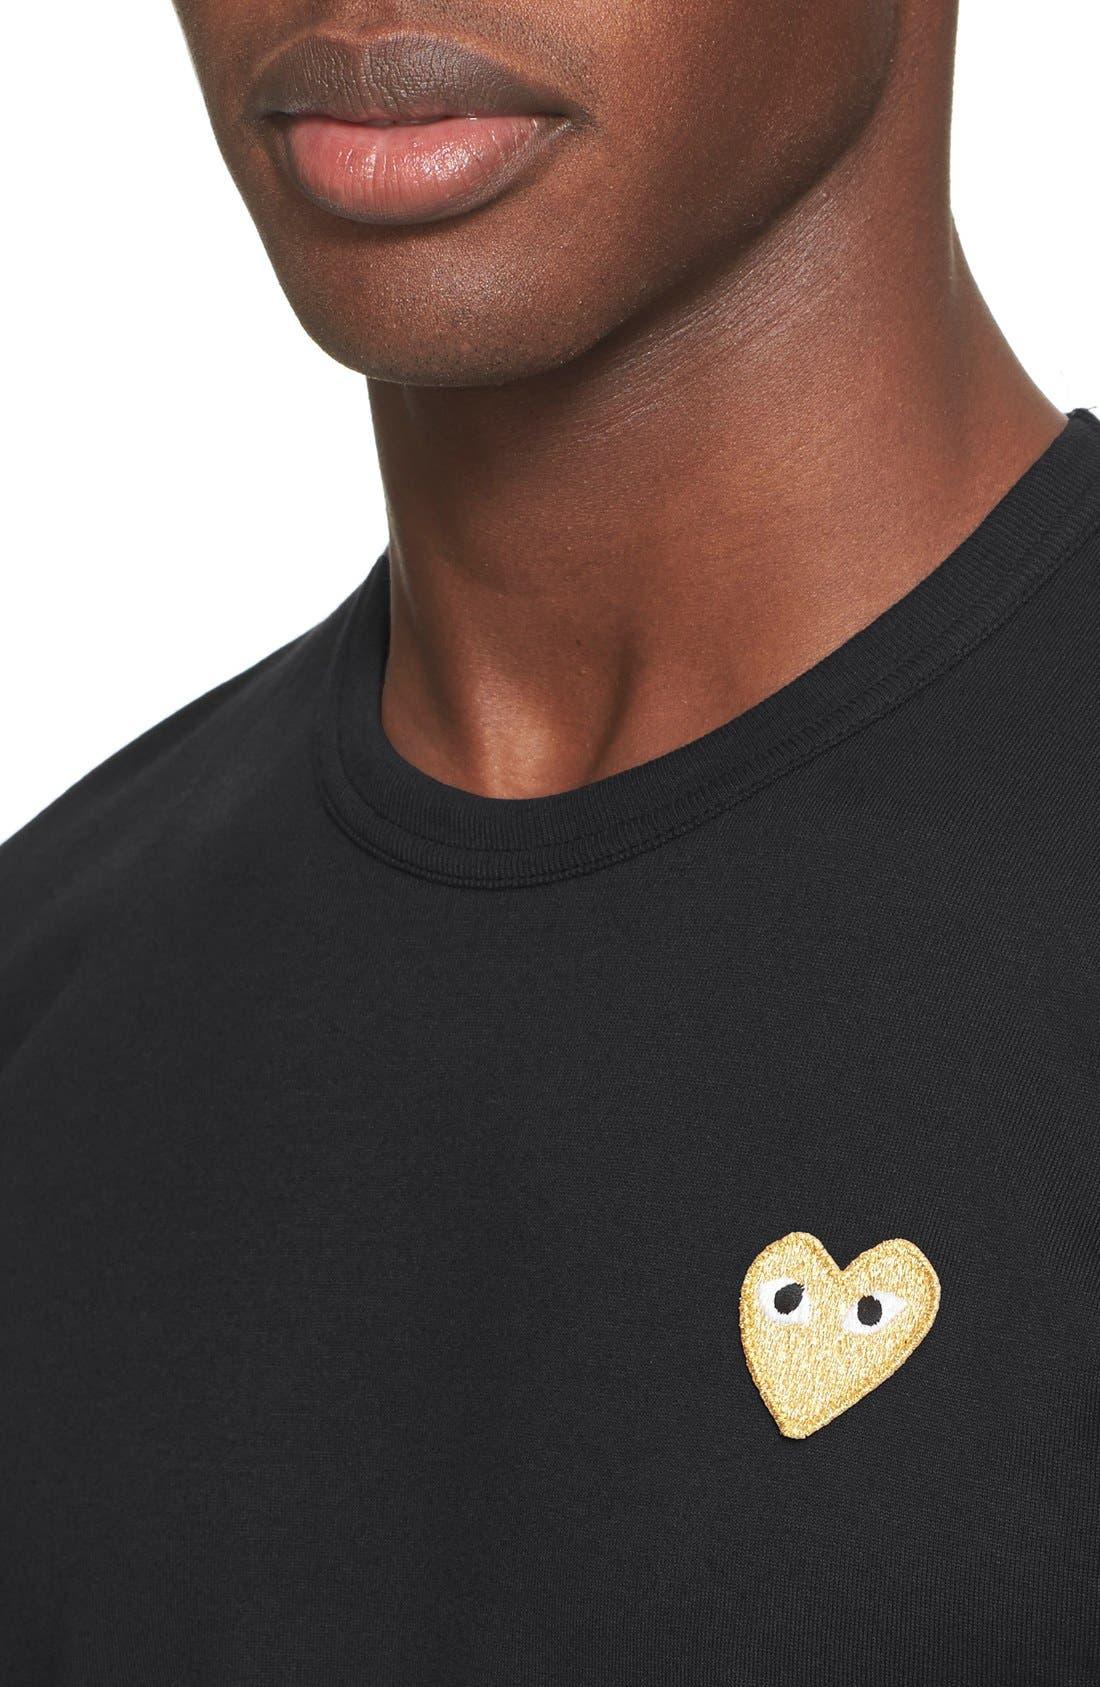 Comme des Garçons PLAY Crewneck T-Shirt,                             Alternate thumbnail 4, color,                             Black